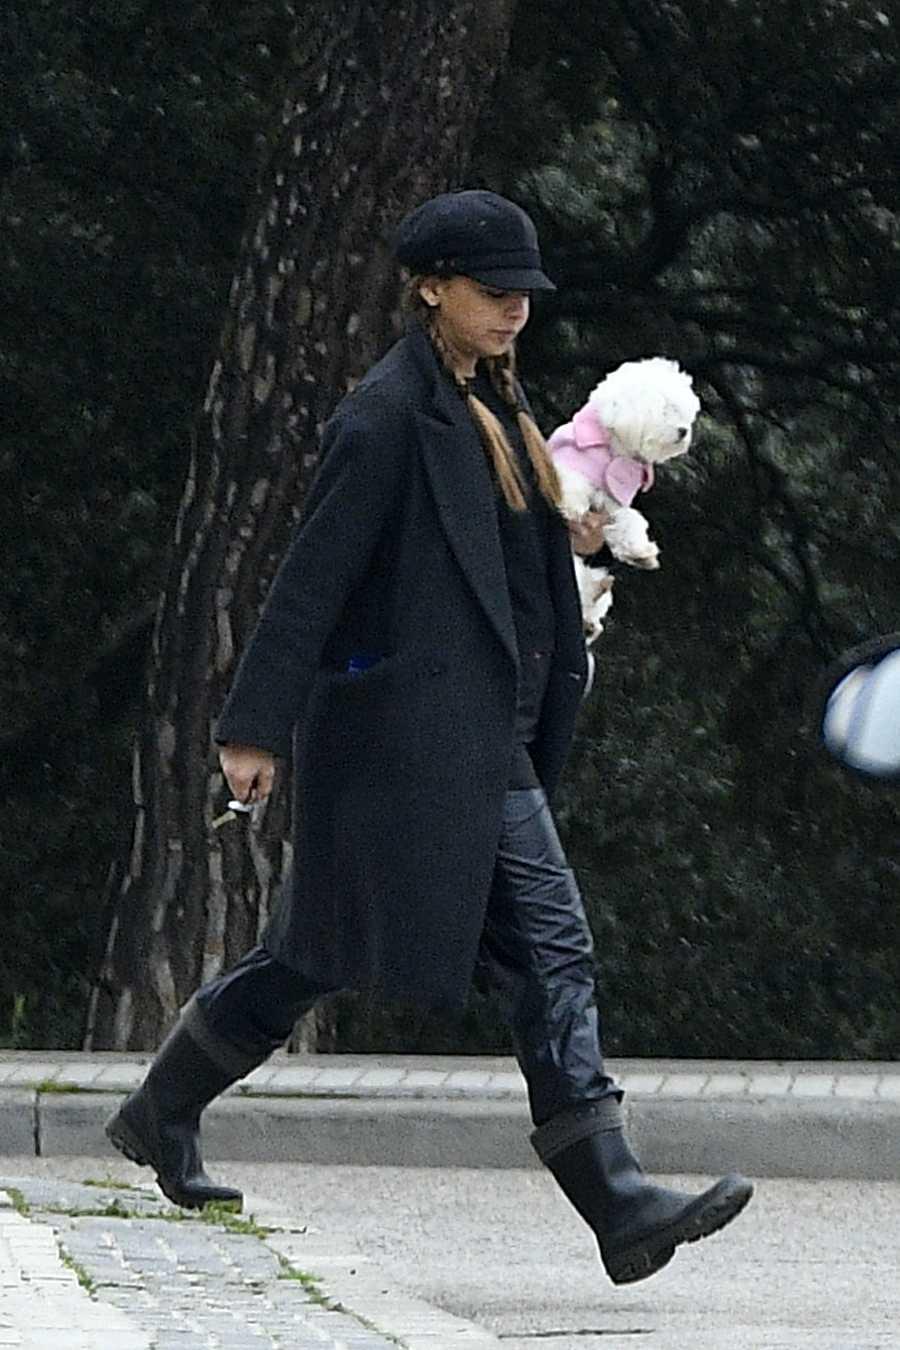 Chenoa cumple con el confinamiento y sale únicamente de casa para pasear a su perro